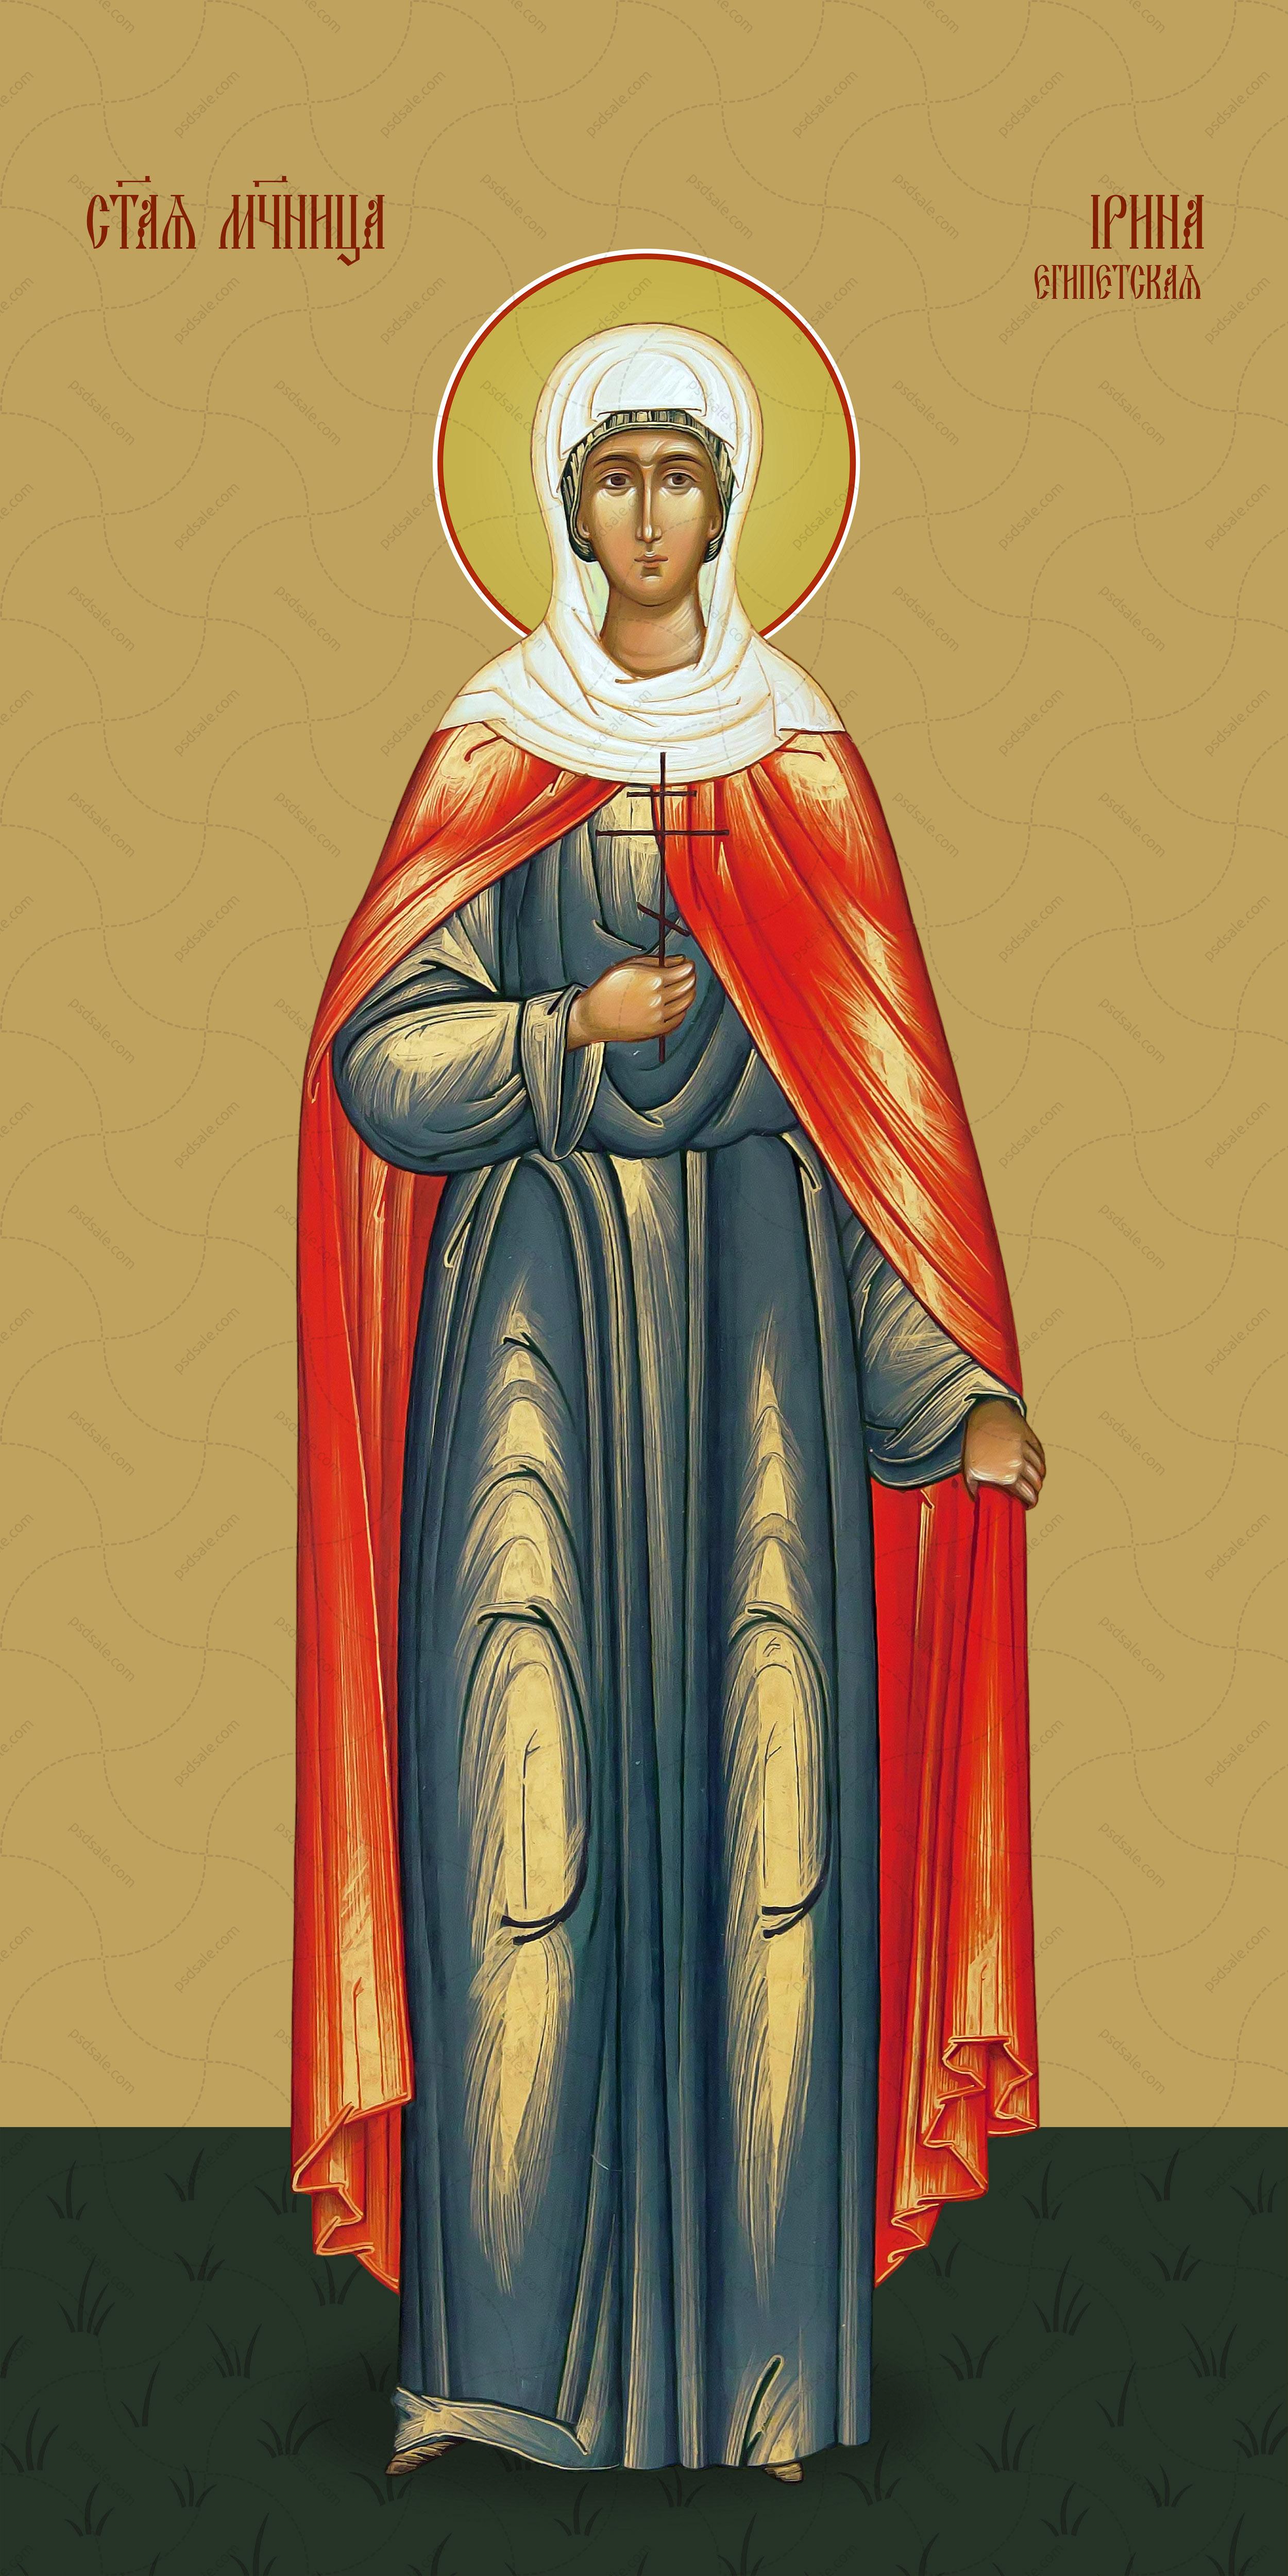 Мерная икона, Ирина Египетская, мученица